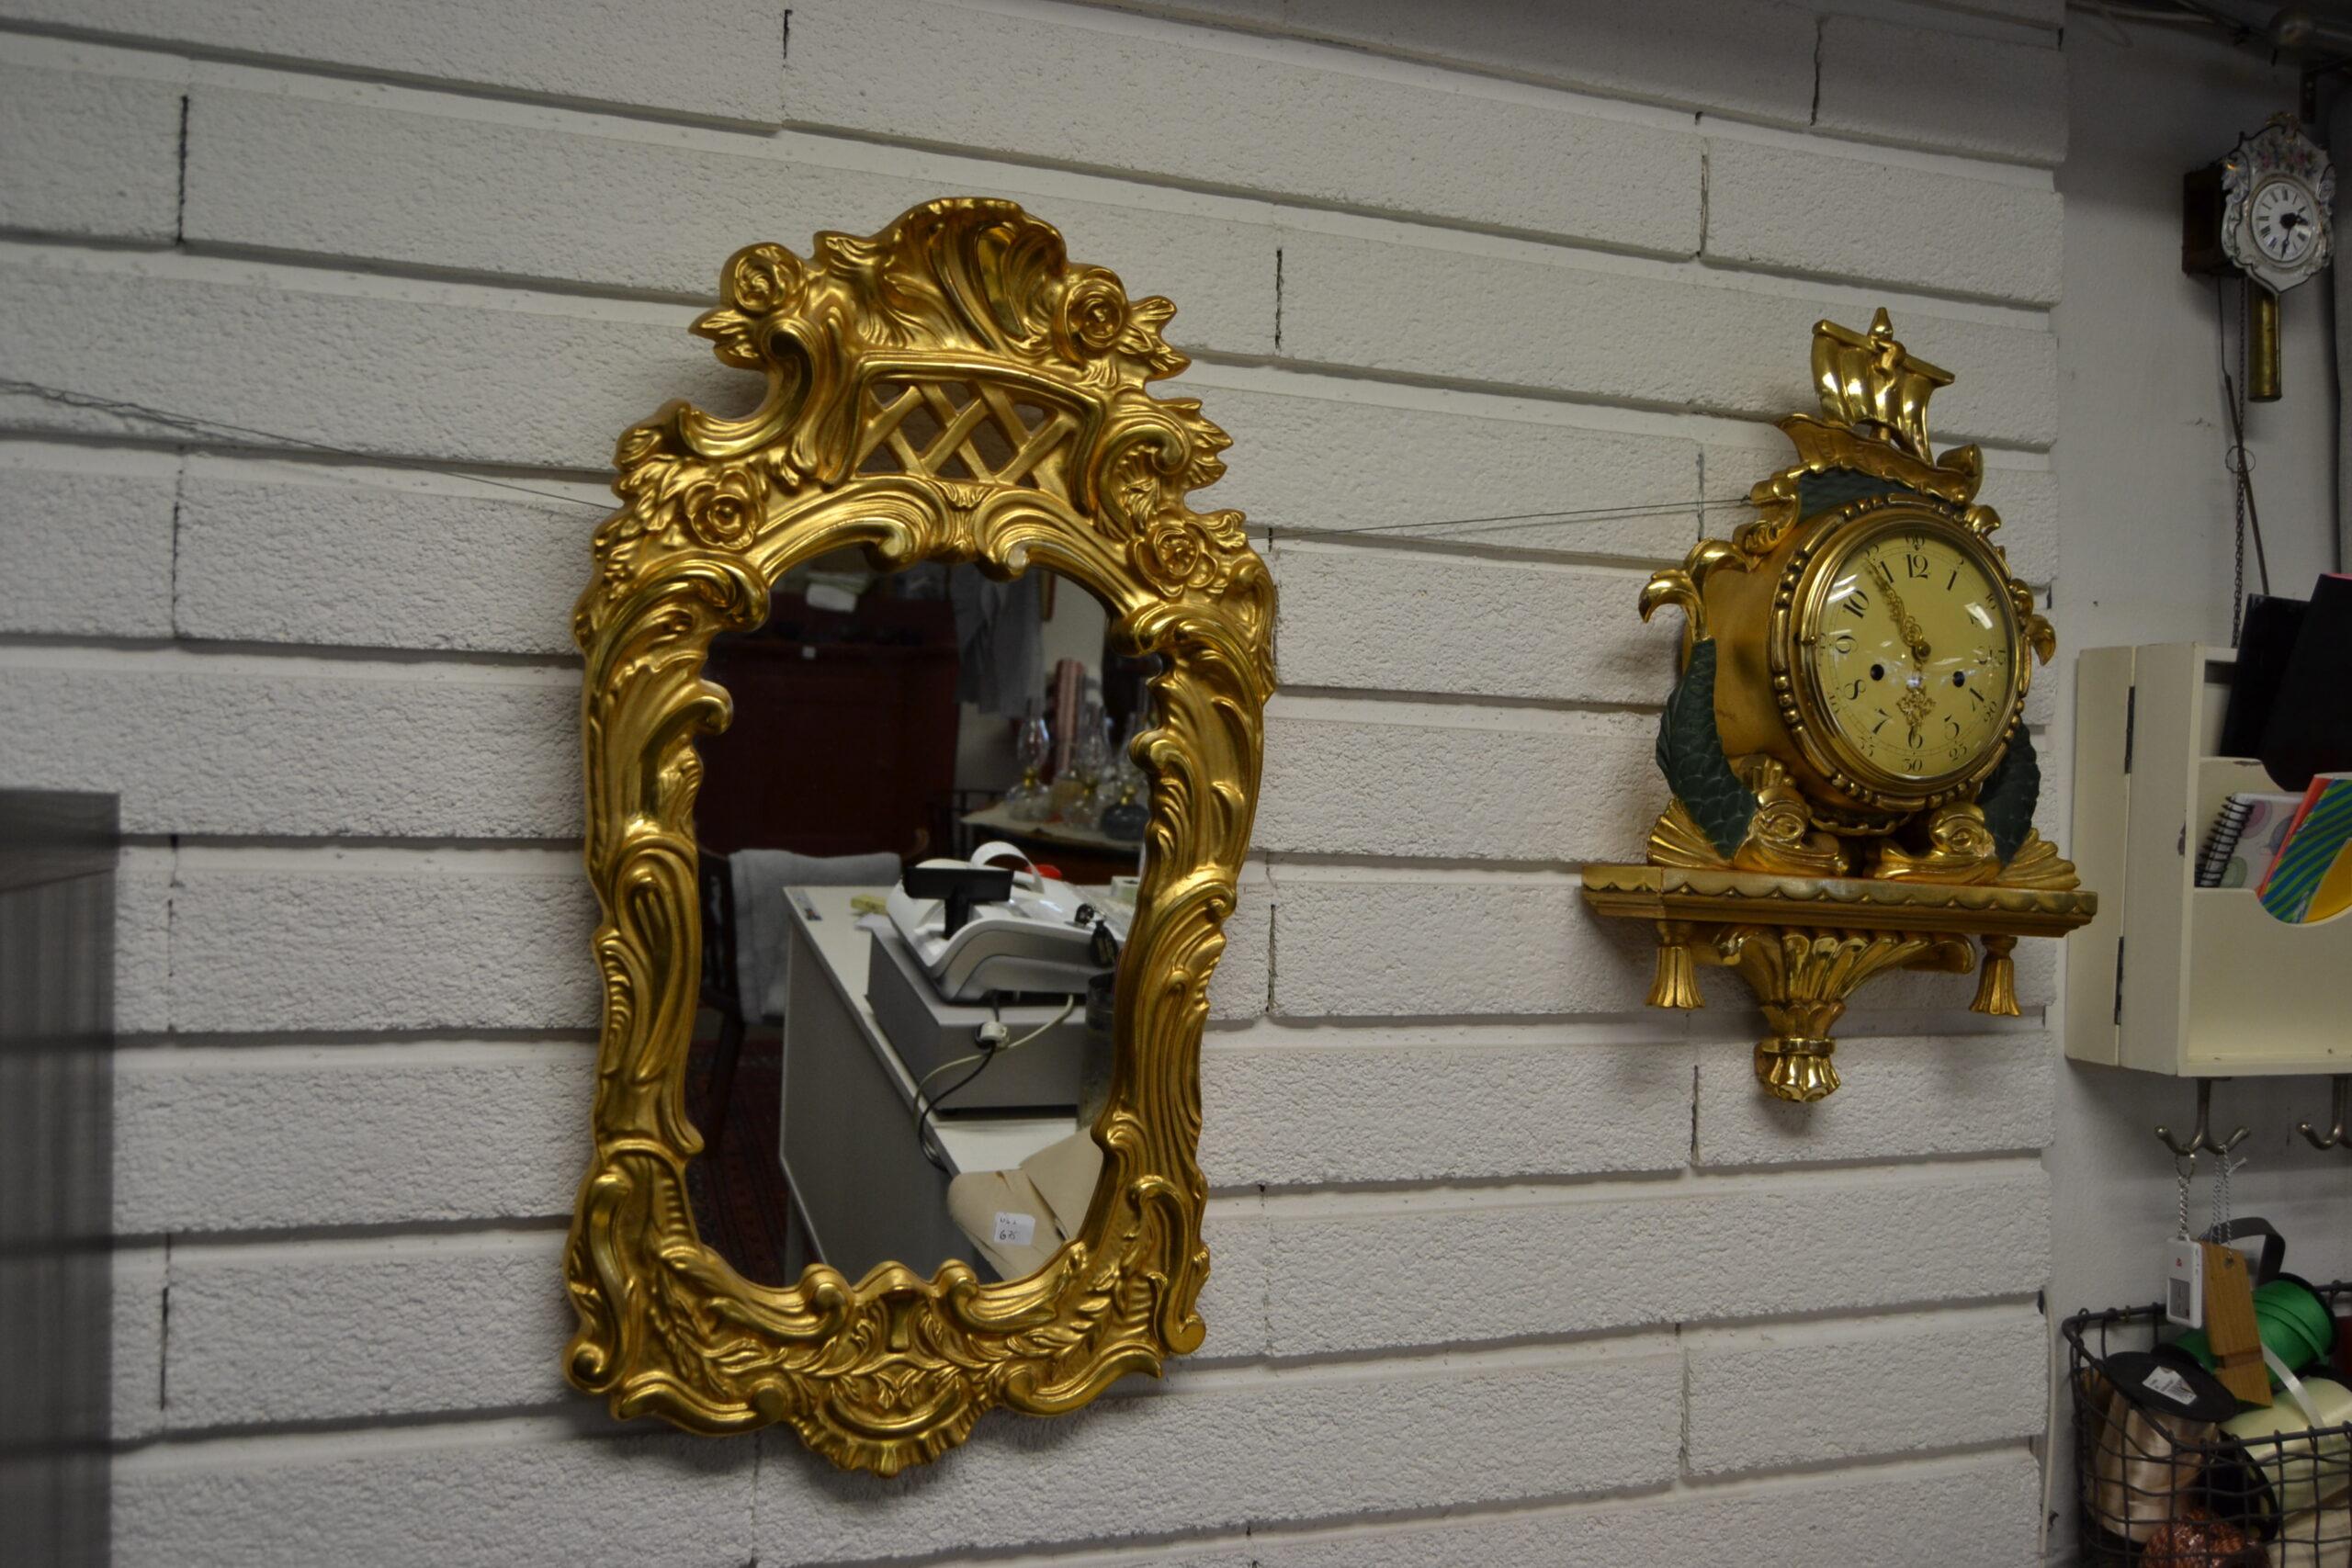 Spegel delvis förgylld bladguld